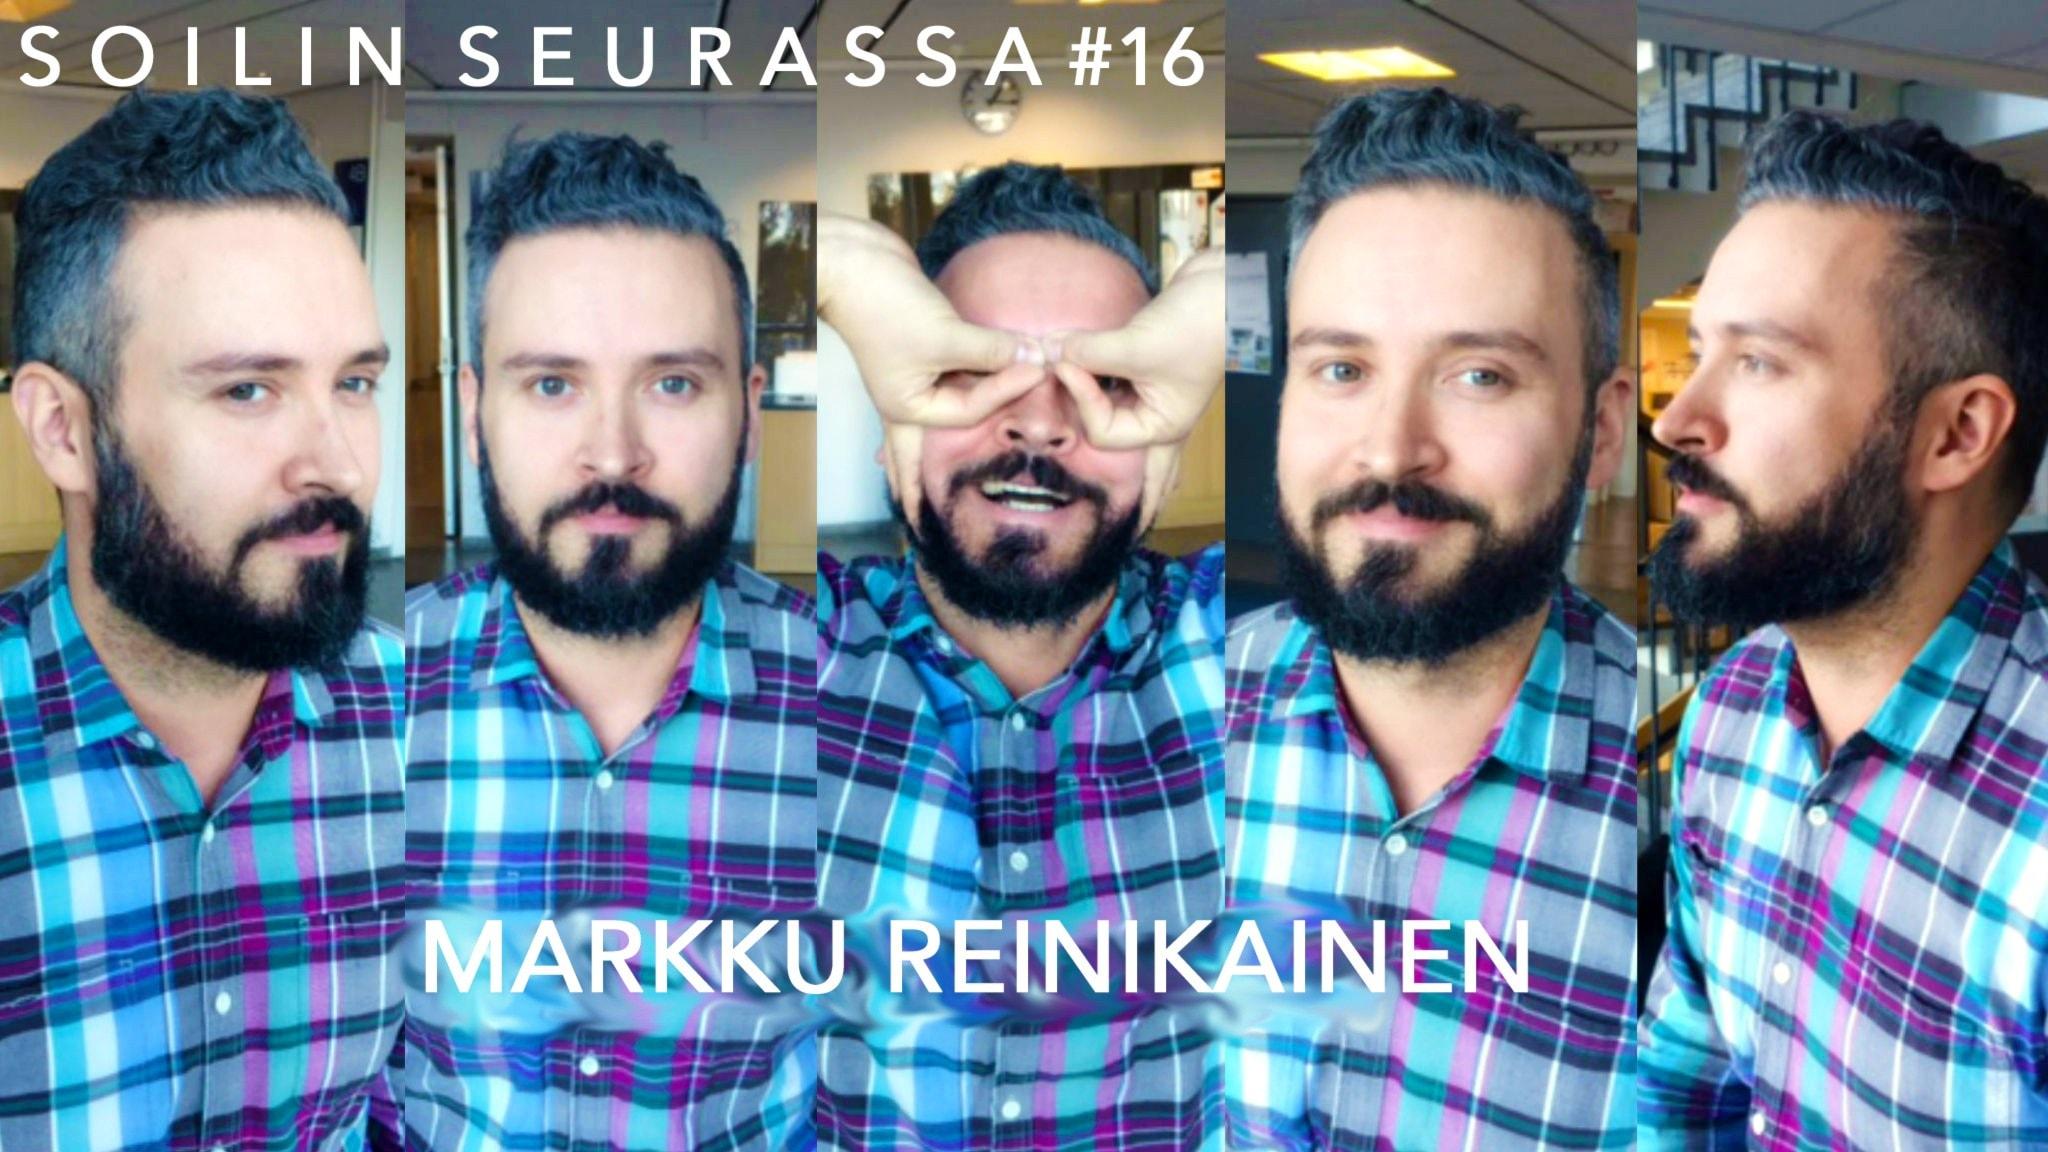 Soilin seurassa rumpali Markku Reinikainen: Ruotsi on pop, Suomi rock.